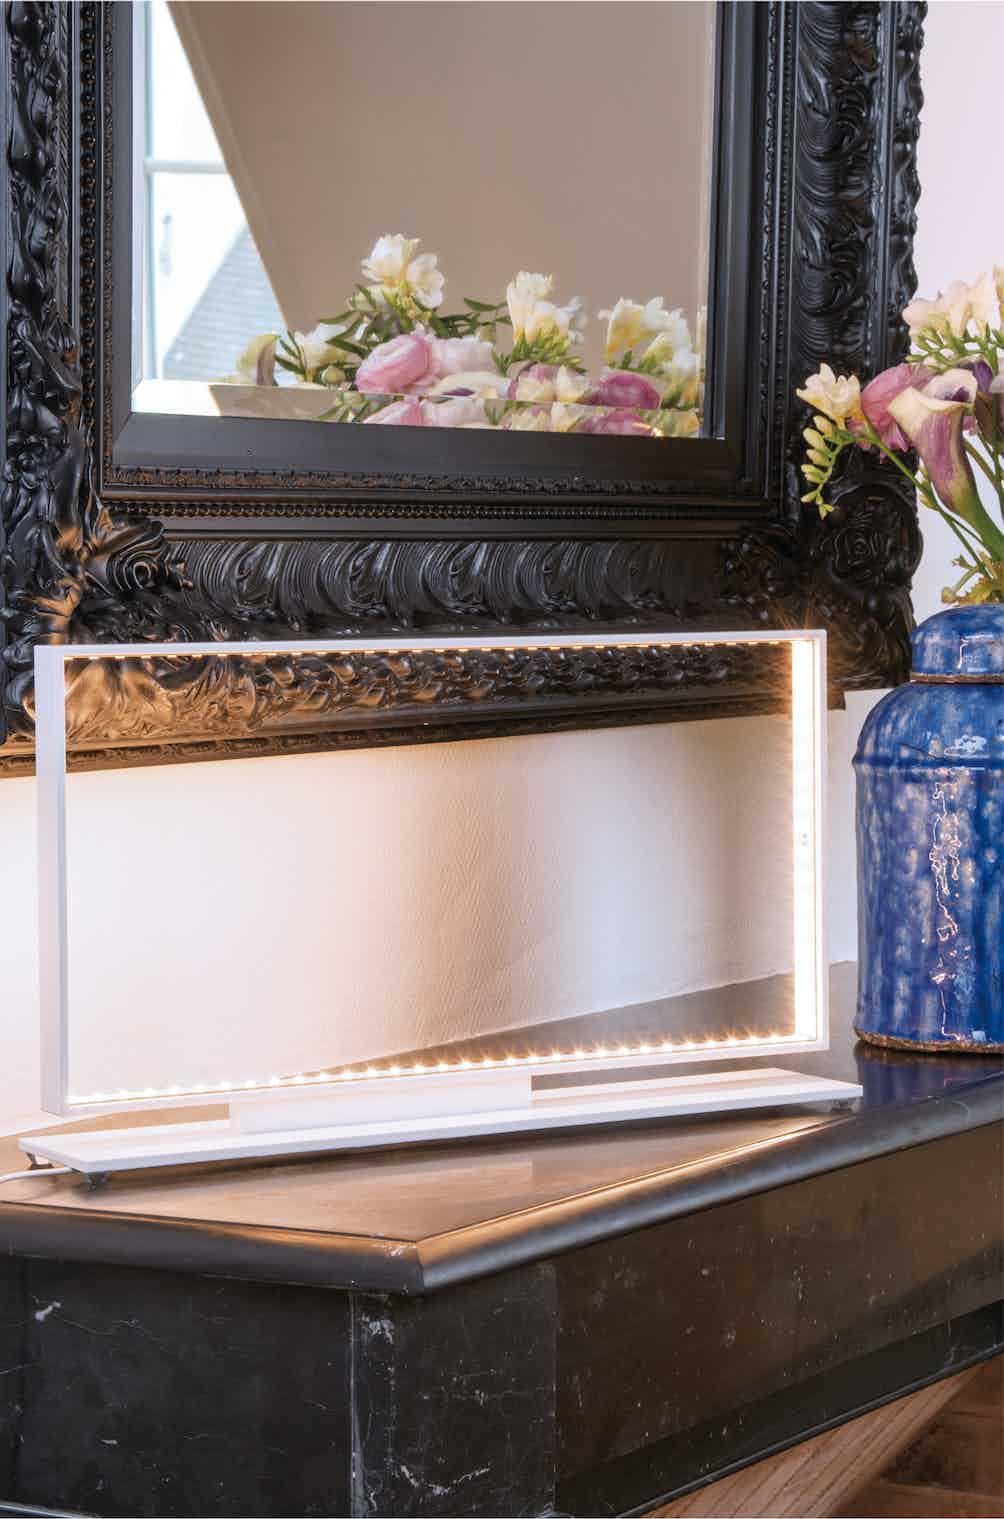 Le-deun-luminaires-square-table-lamp-white-insitu-haute-living